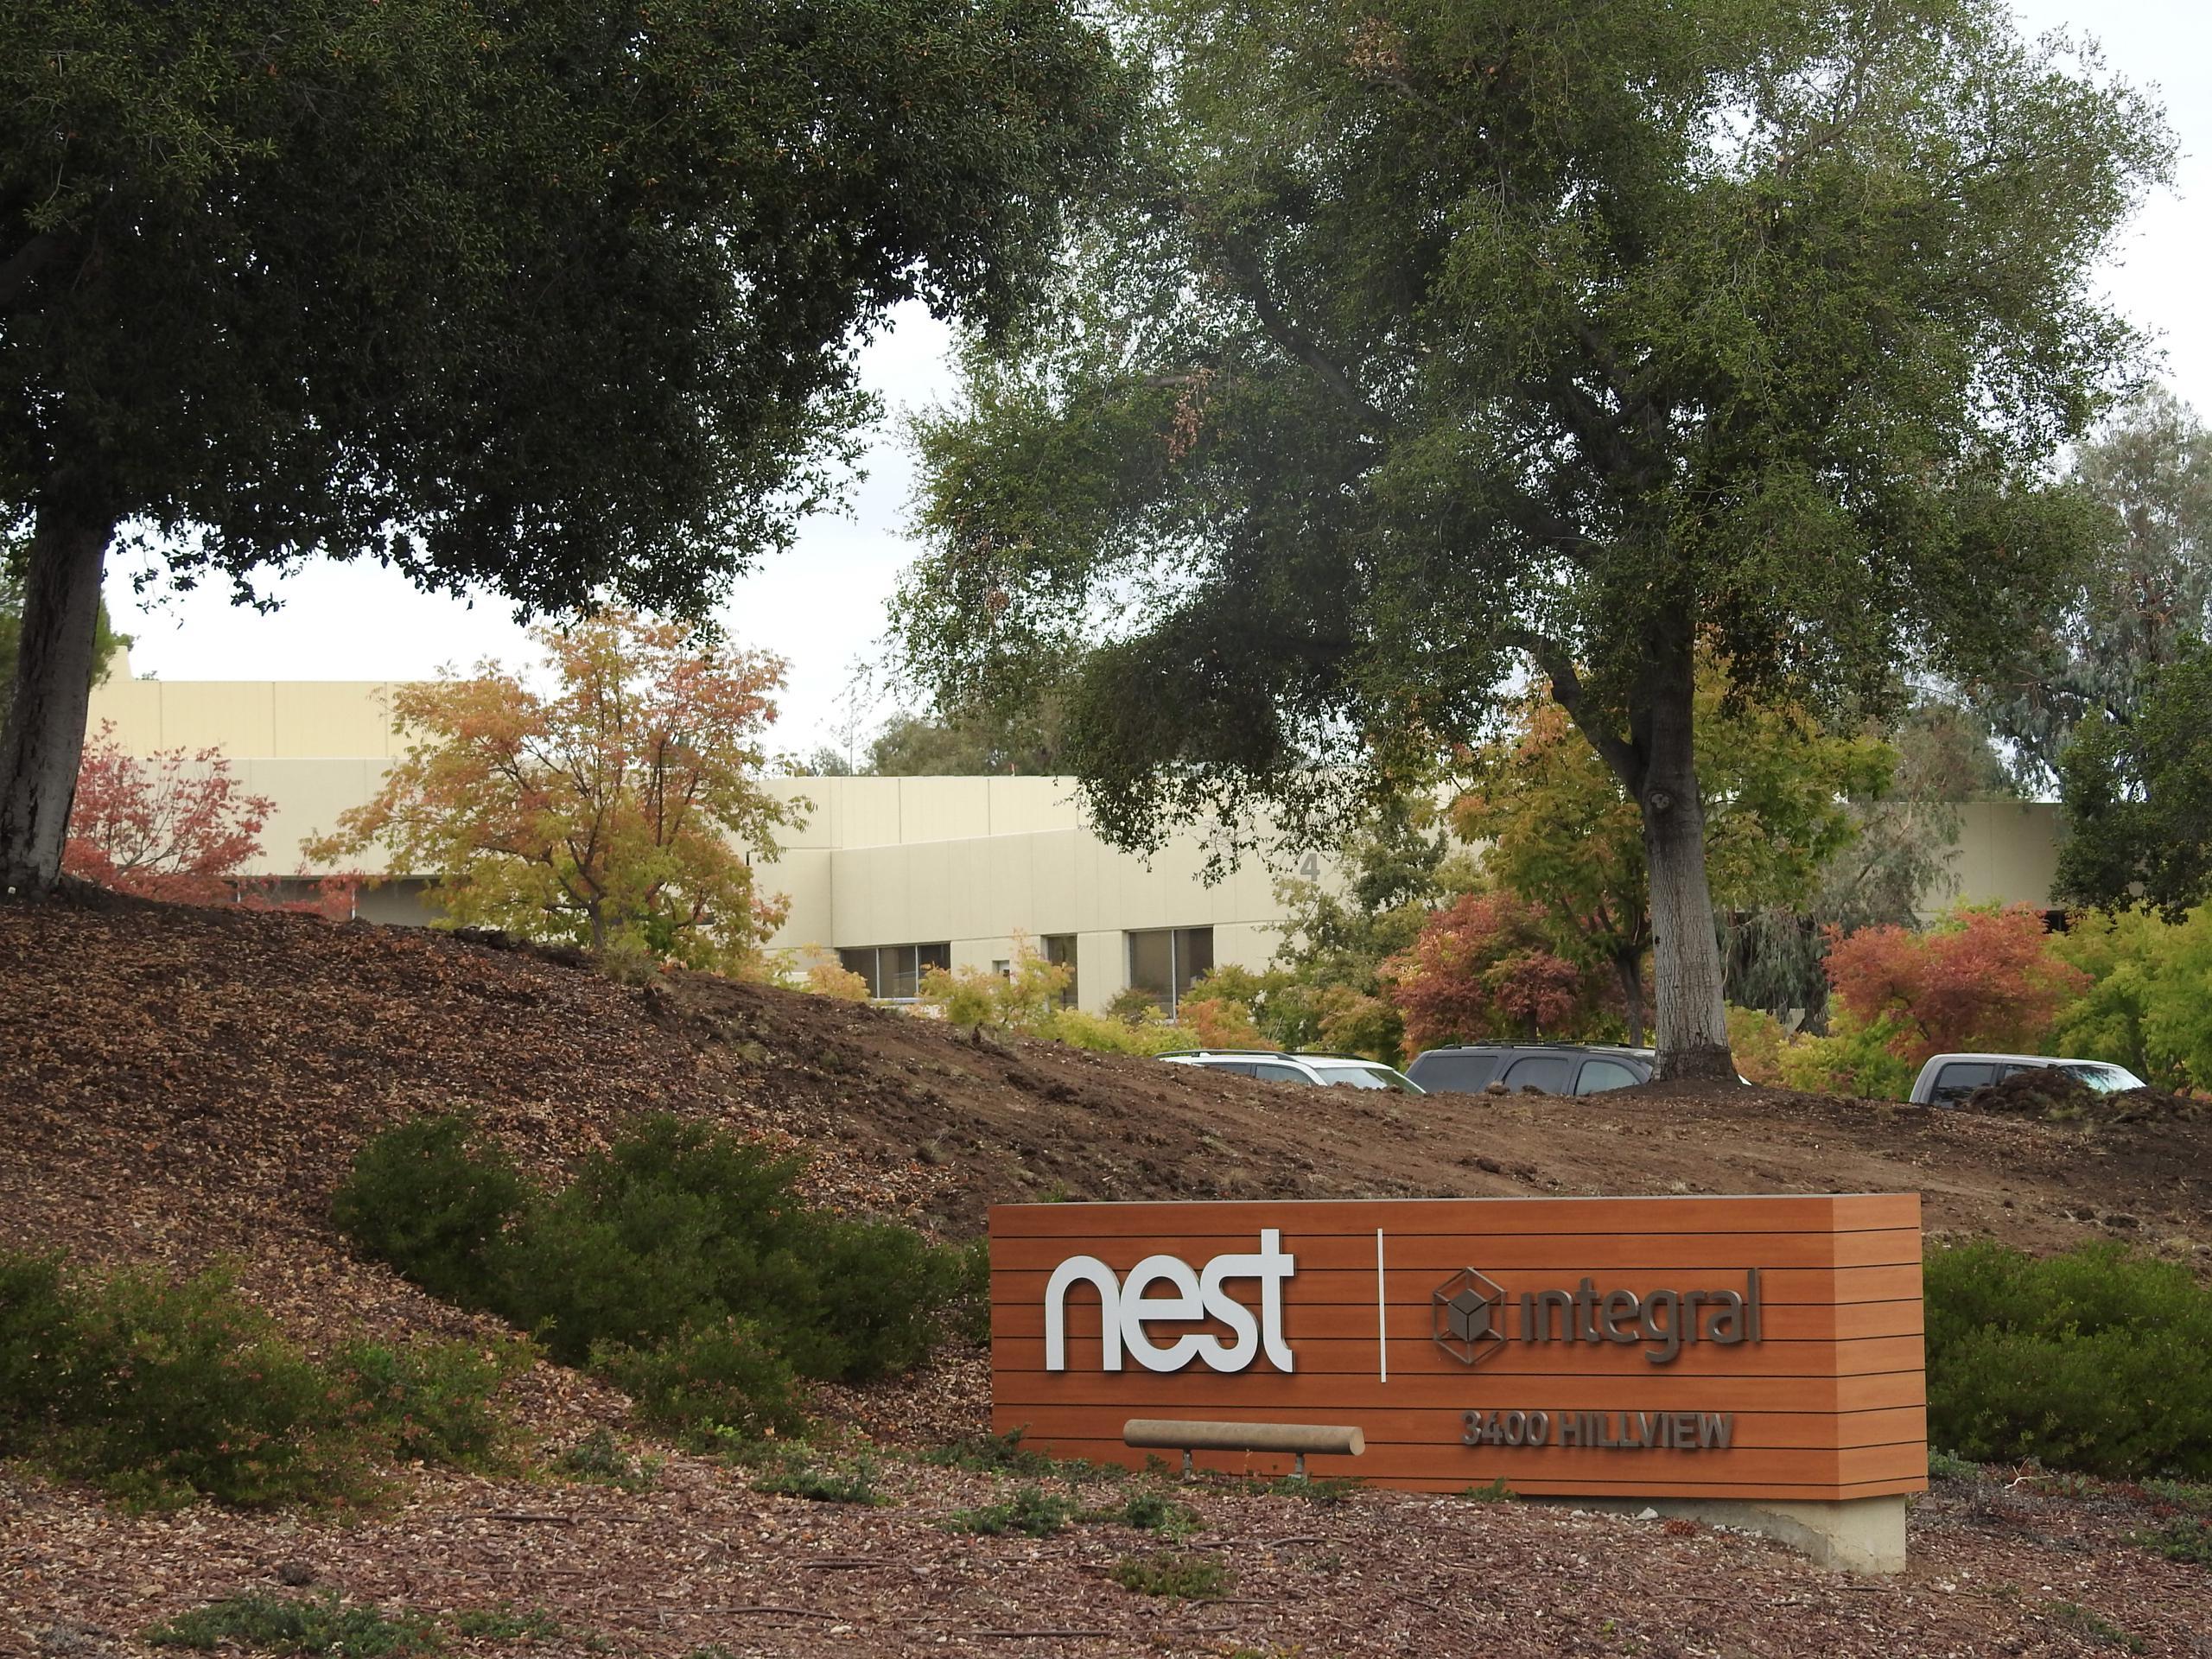 Nest office in Palo Alto, California.